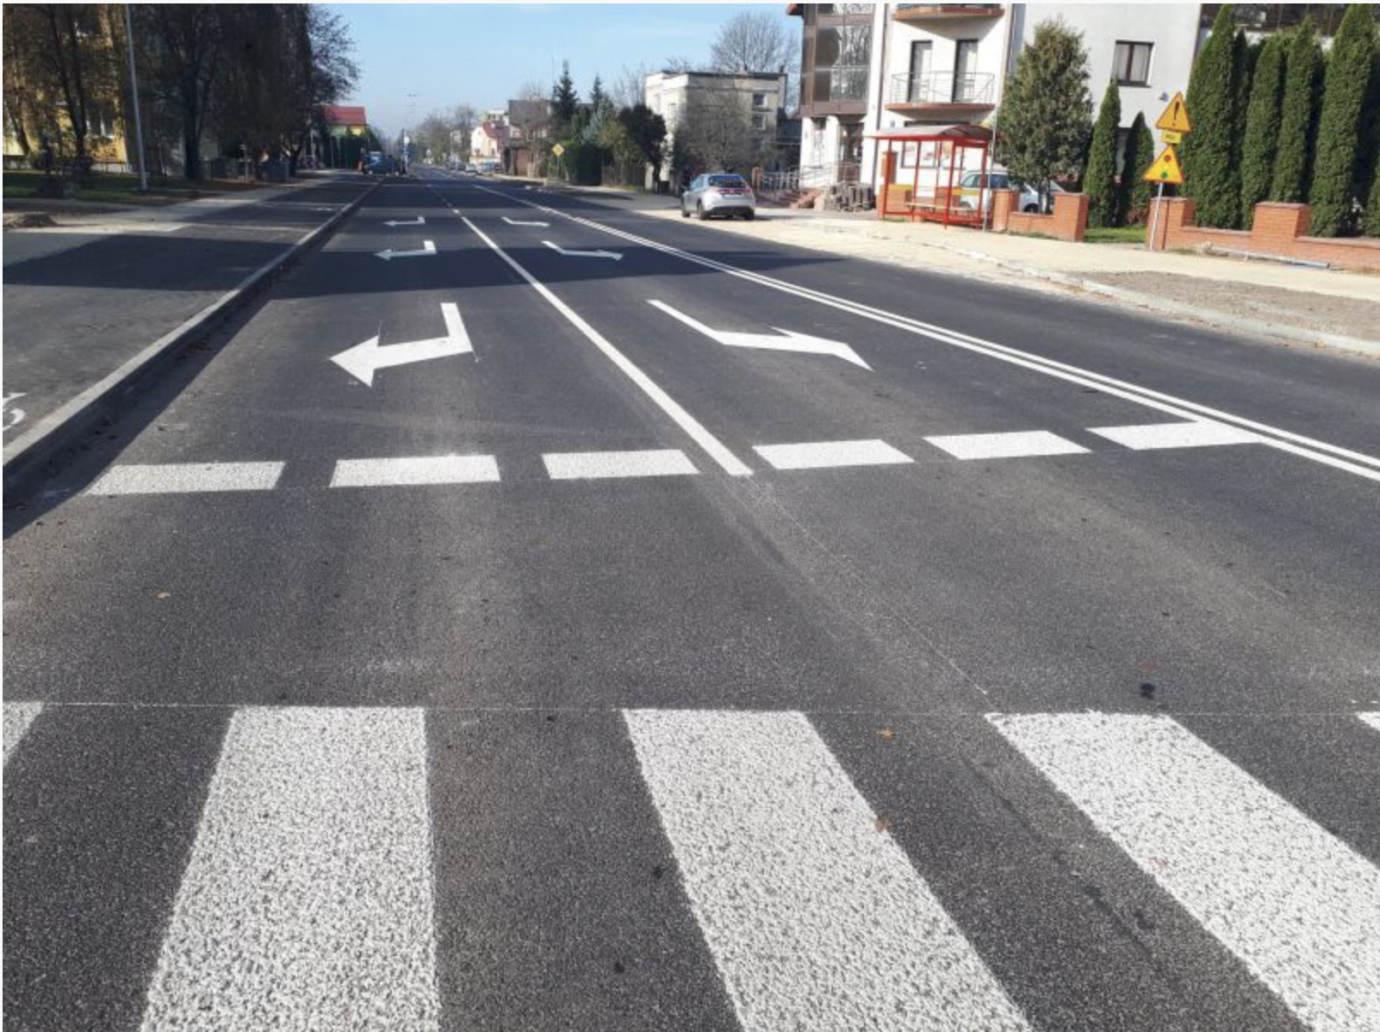 zrzut ekranu 2019 11 7 o 15 09 01 Dobra wiadomość! Kolejne ulice w Zamościu odebrane!